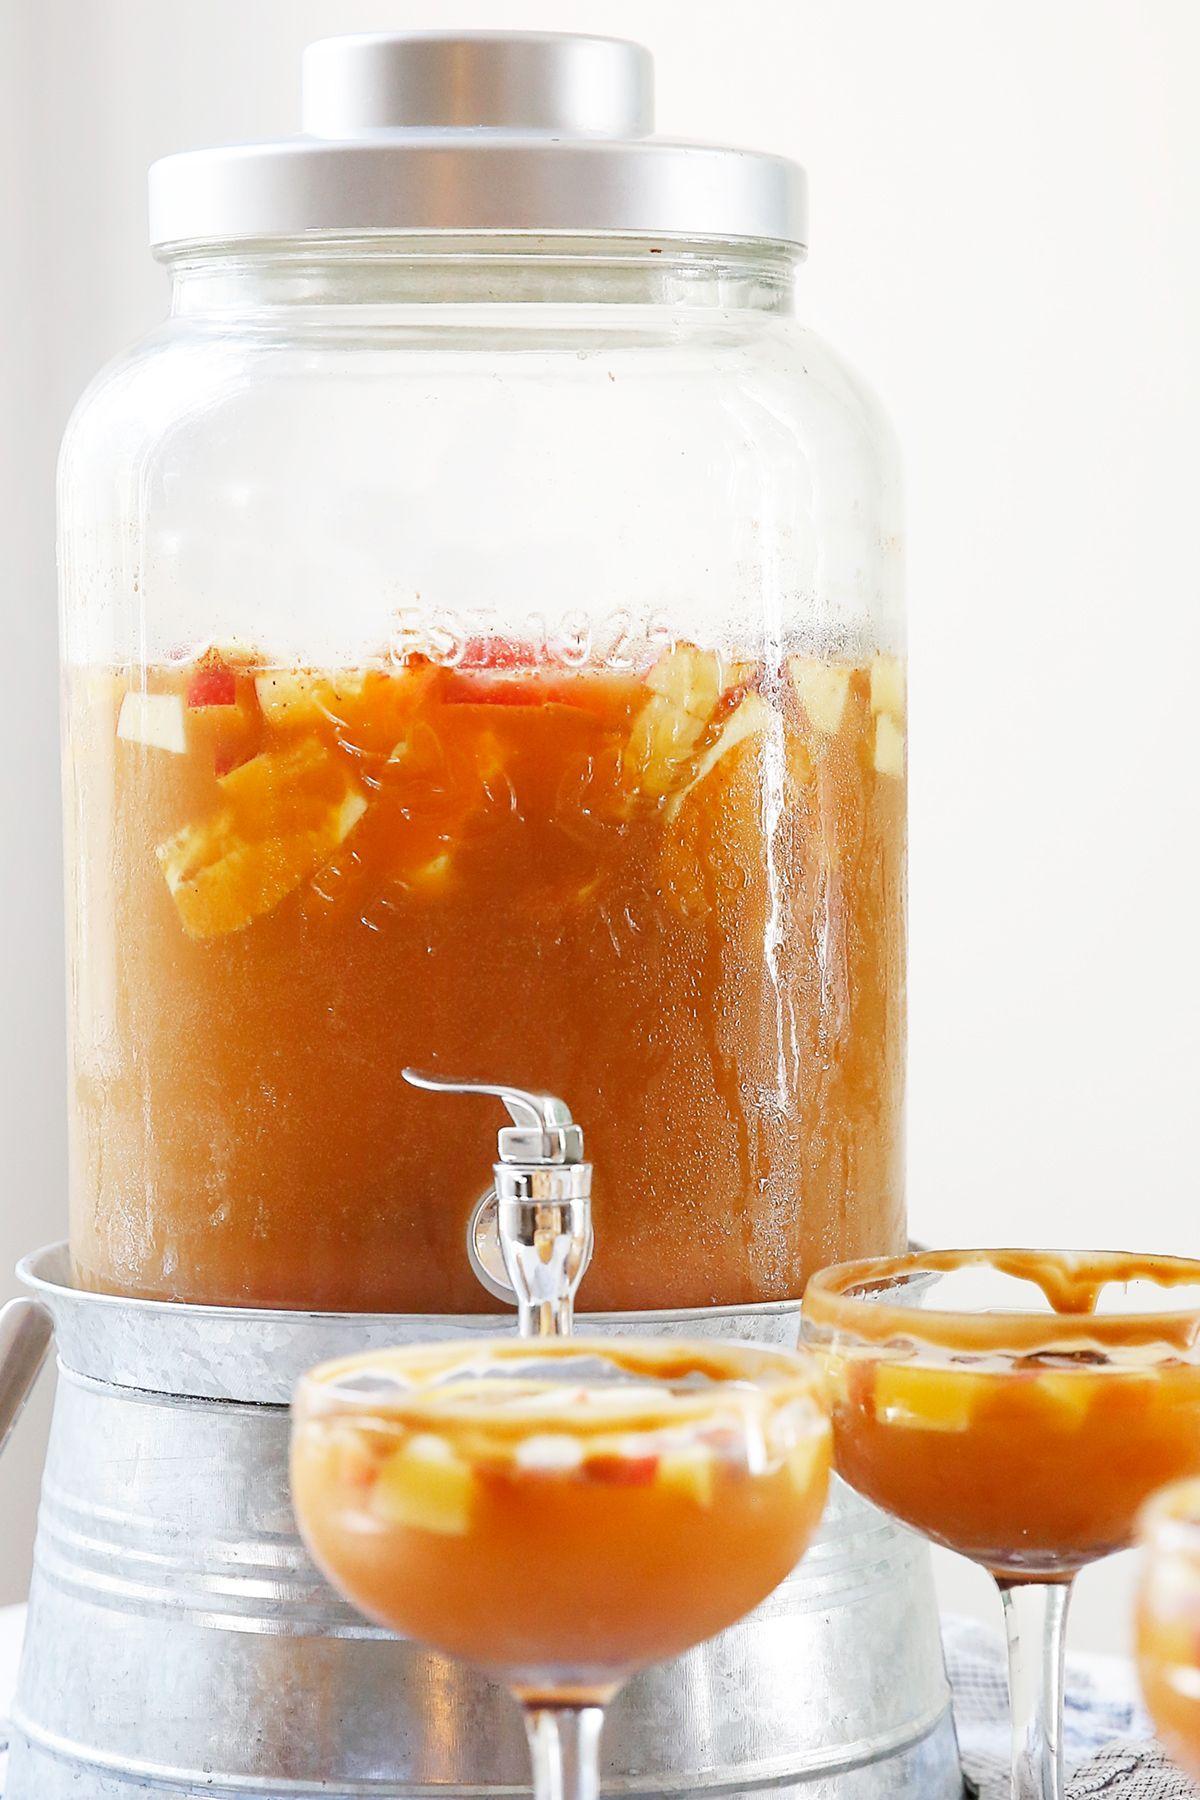 Apple Cider Sangria Recipe - Lexi's Clean Kitchen #applecidersangriarecipe Apple Cider Sangria Recipe - Lexi's Clean Kitchen #applecidersangriarecipe